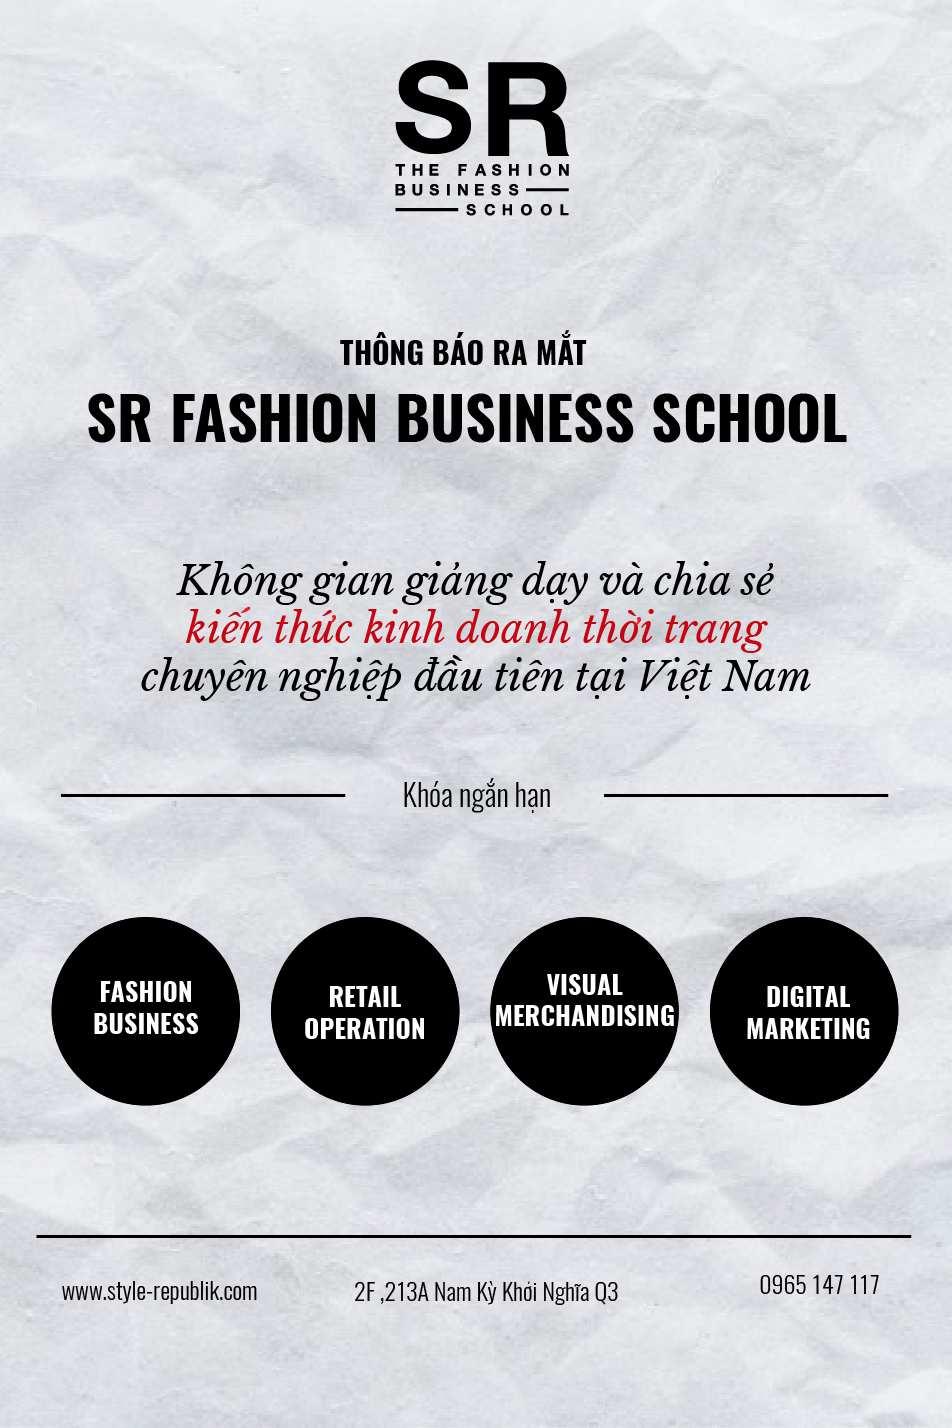 Giảng dạy kiến thức kinh doanh thời trang đầu tiên tại Việt Nam